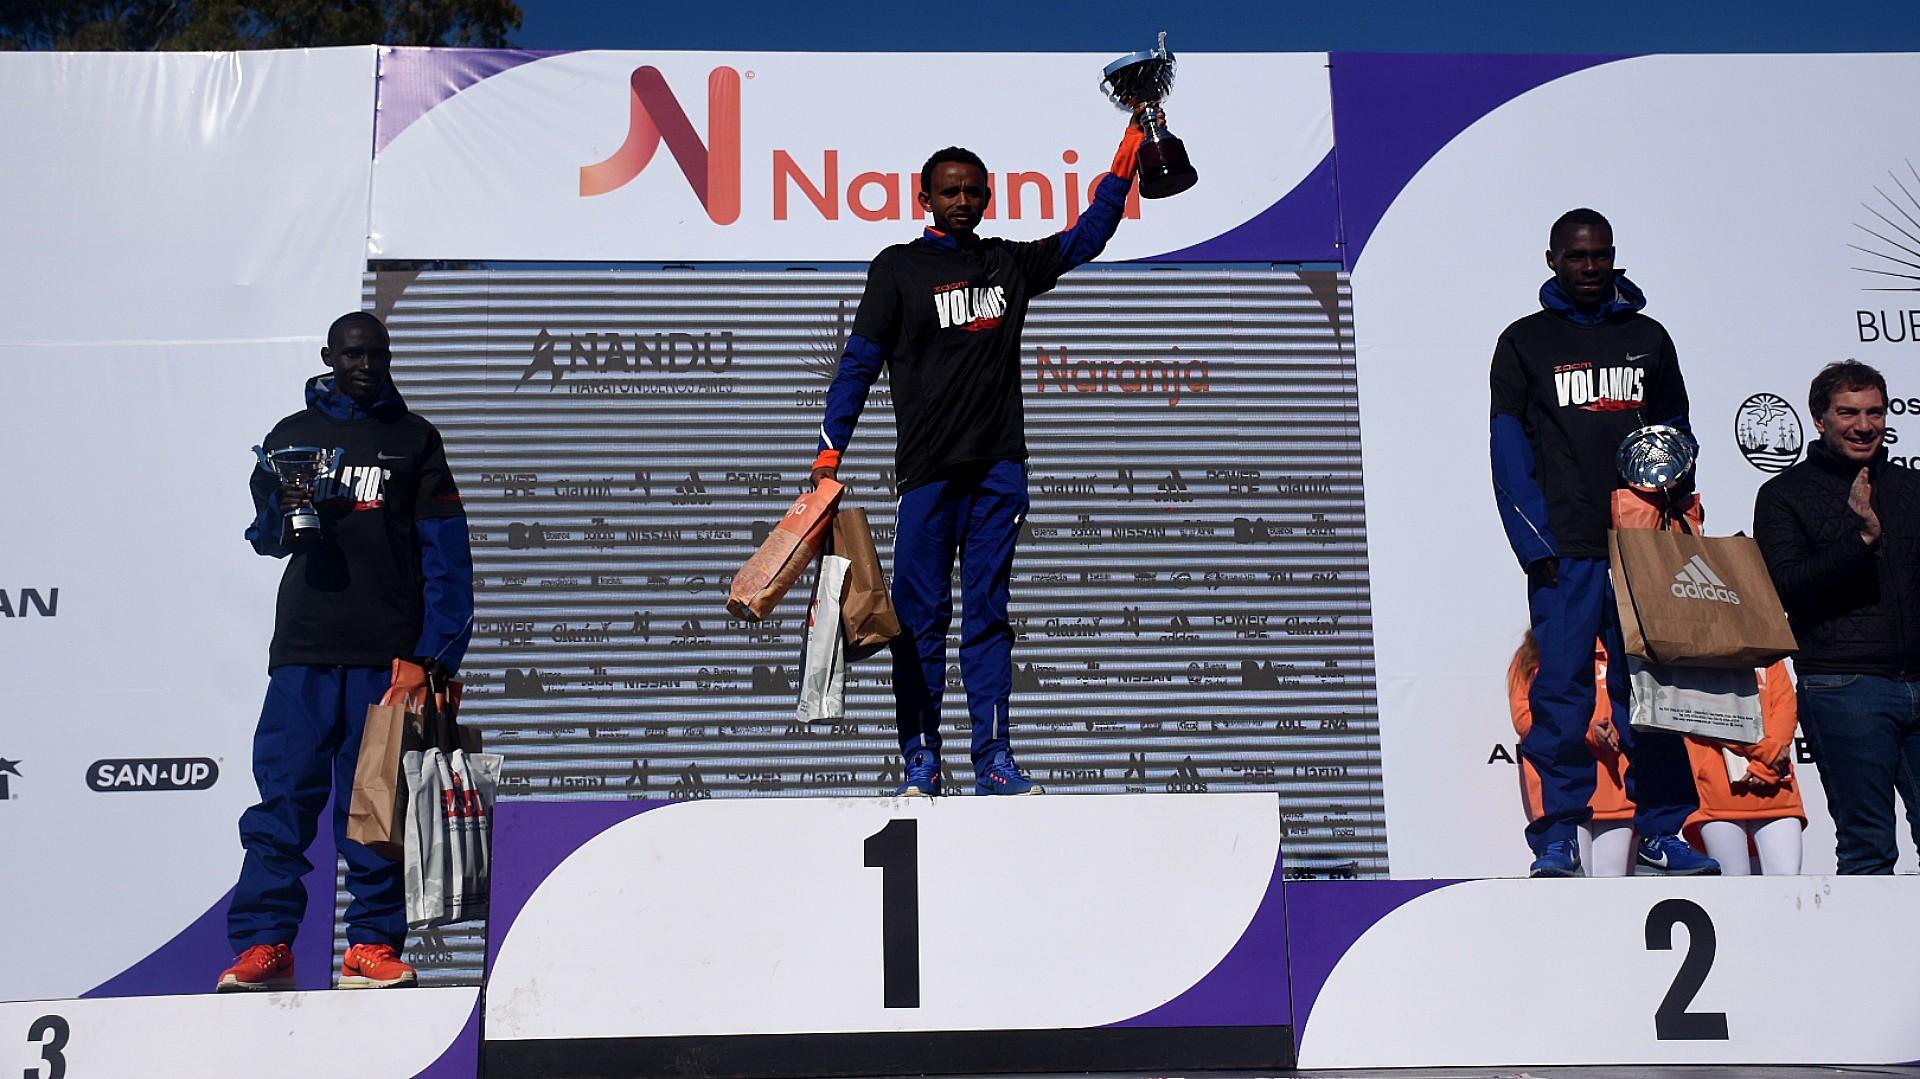 Geremew, con 59 minutos 48 segundos, es el ganador de la media maratón. Bedan Karoki llega en segundo lugar con 59:49 y Lawrence Cherono en tercero con 1.01.58. El podio de los ganadores